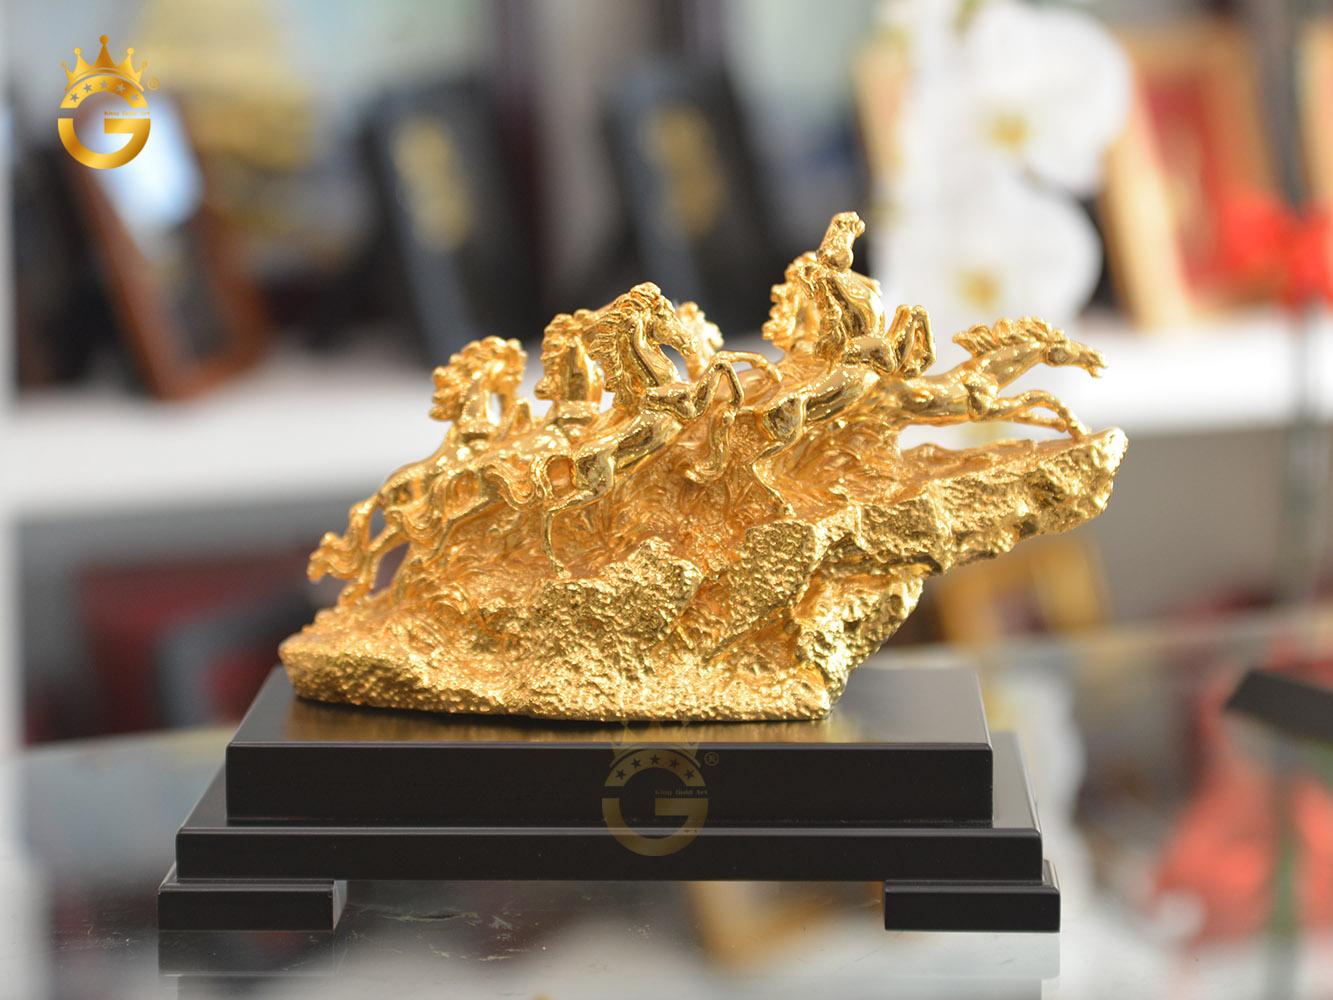 Quà tặng khánh thành công ty- tượng bát mã truy phong mạ vàng 24k